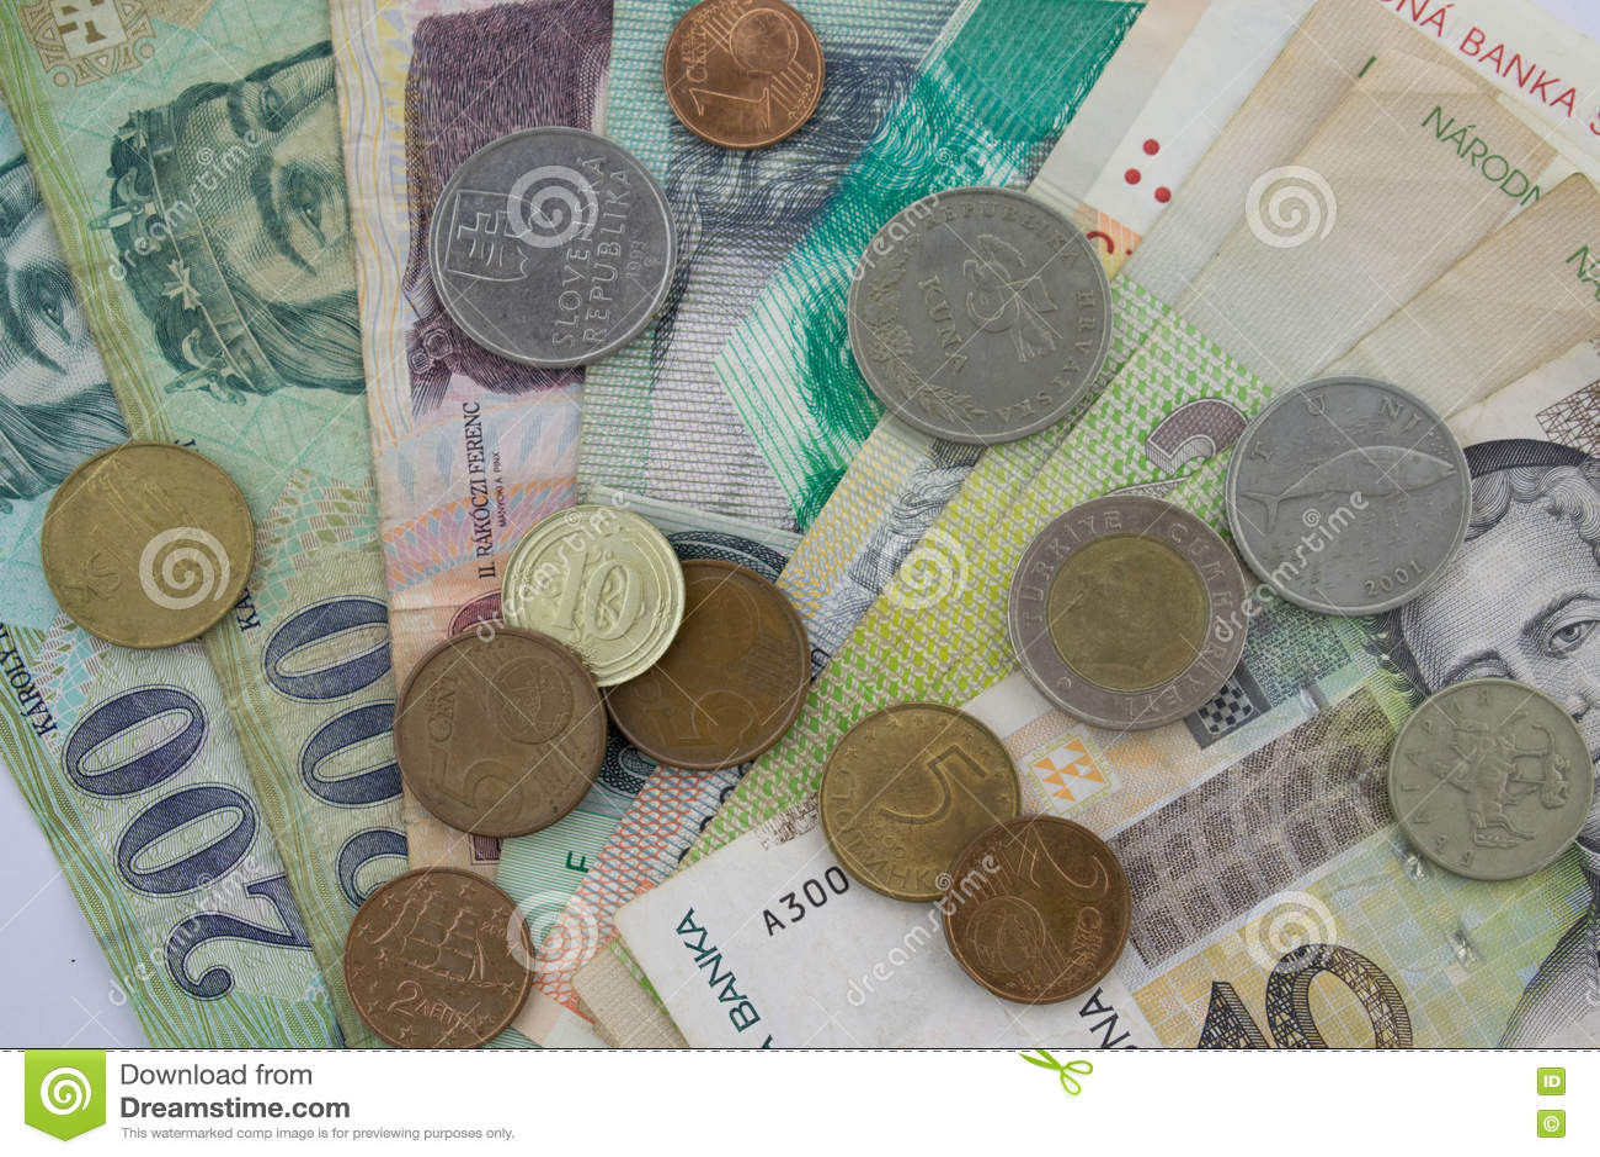 Sedlar och mynt från olika europian länder